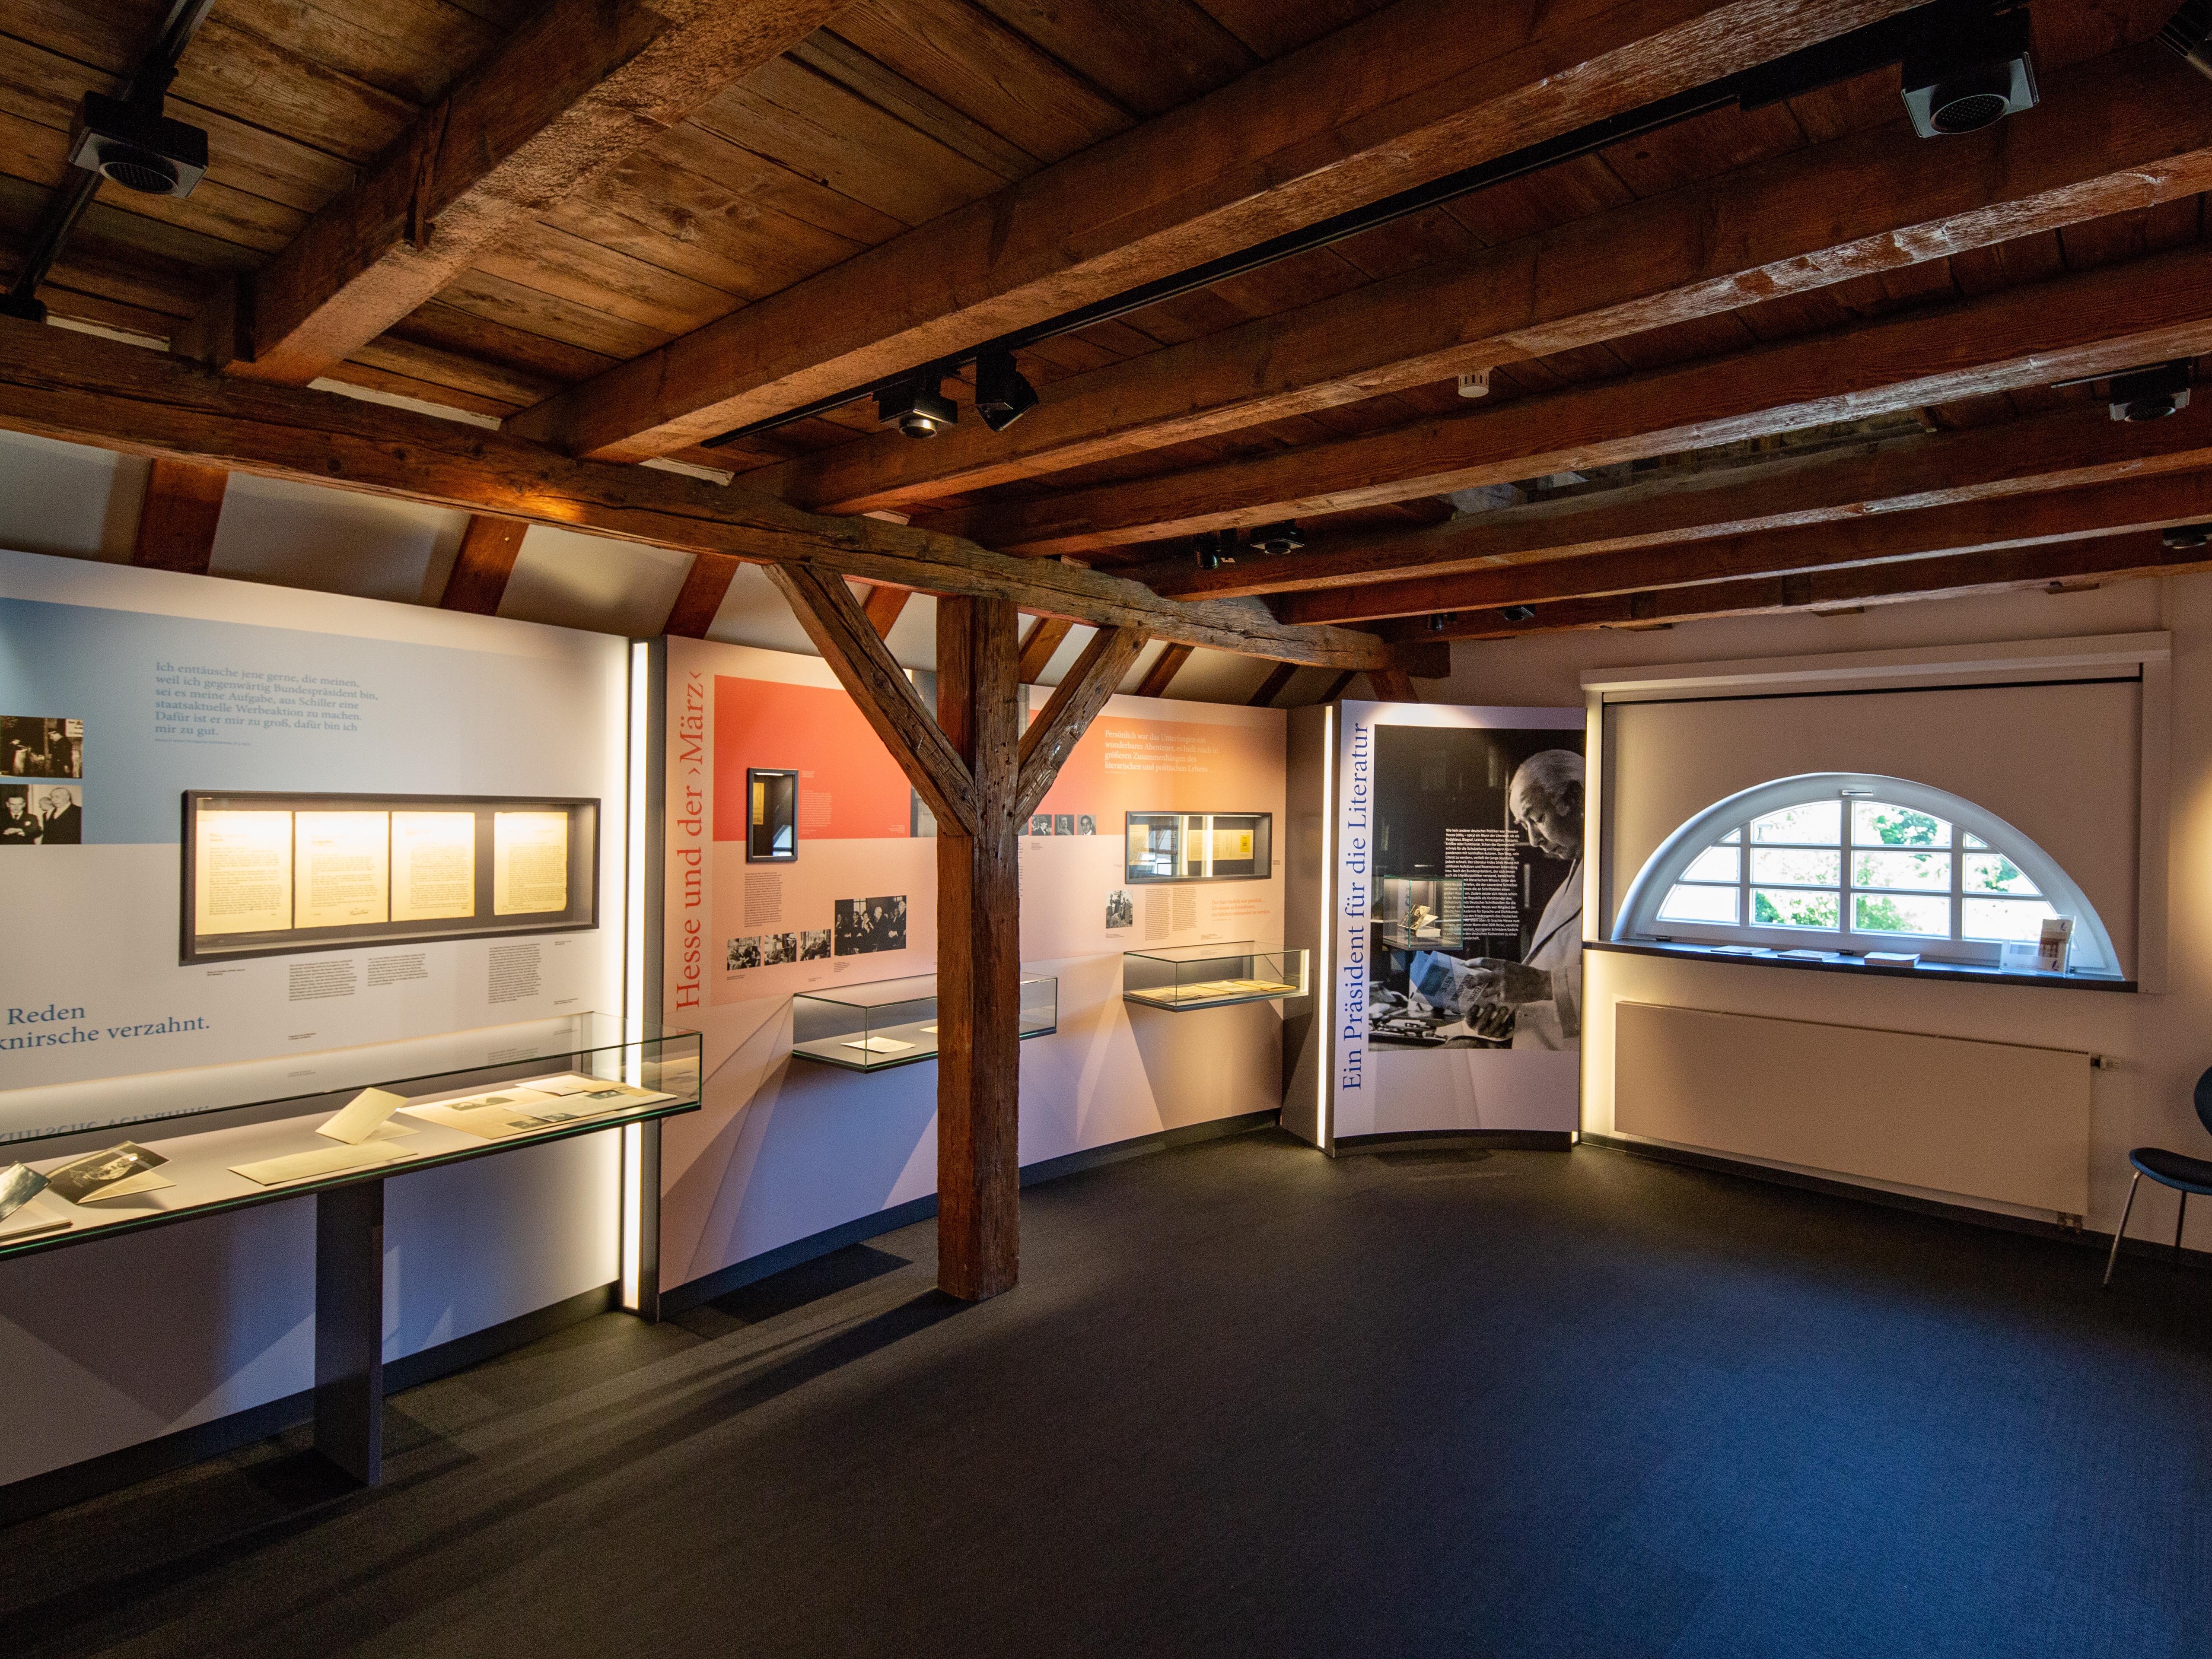 Theodor Heuss Museum von innen